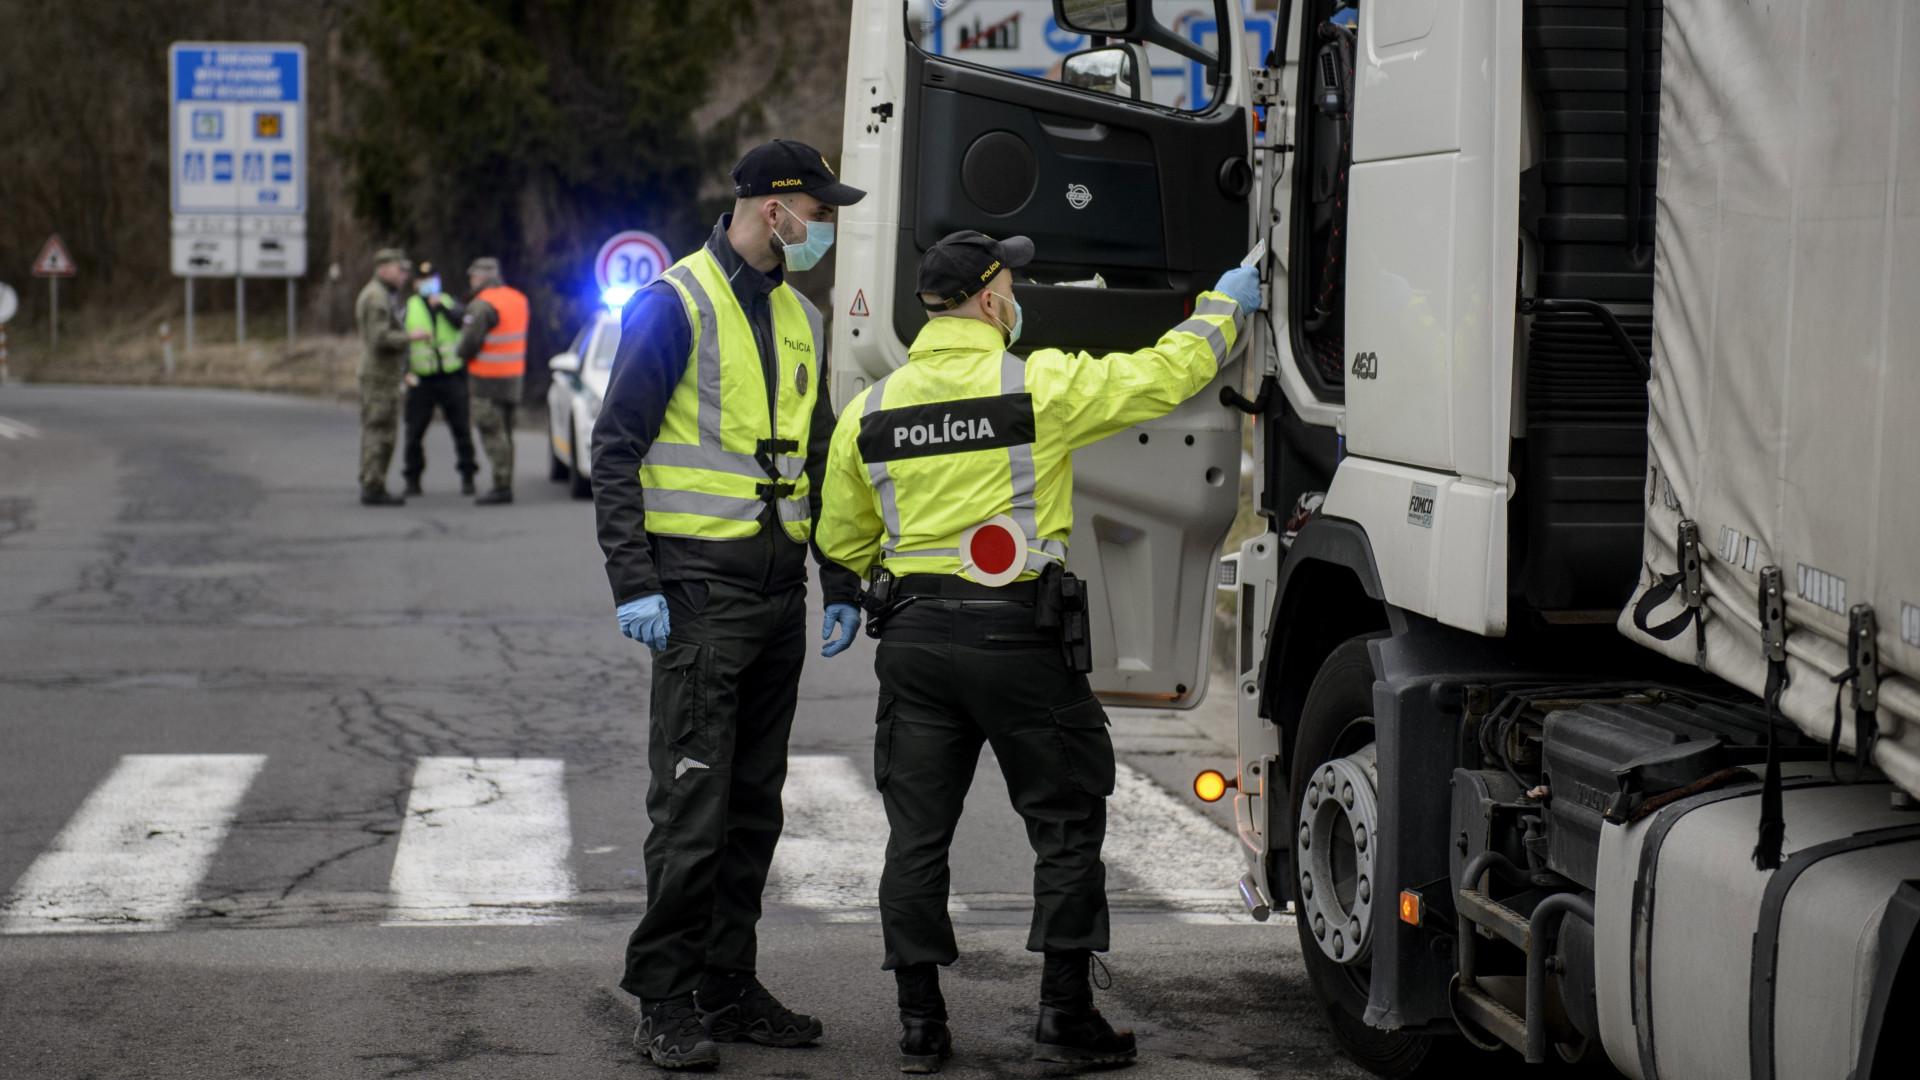 Koronavírus: ezeken a határátkelőkön jöhetnek át a kamionok Magyarországra